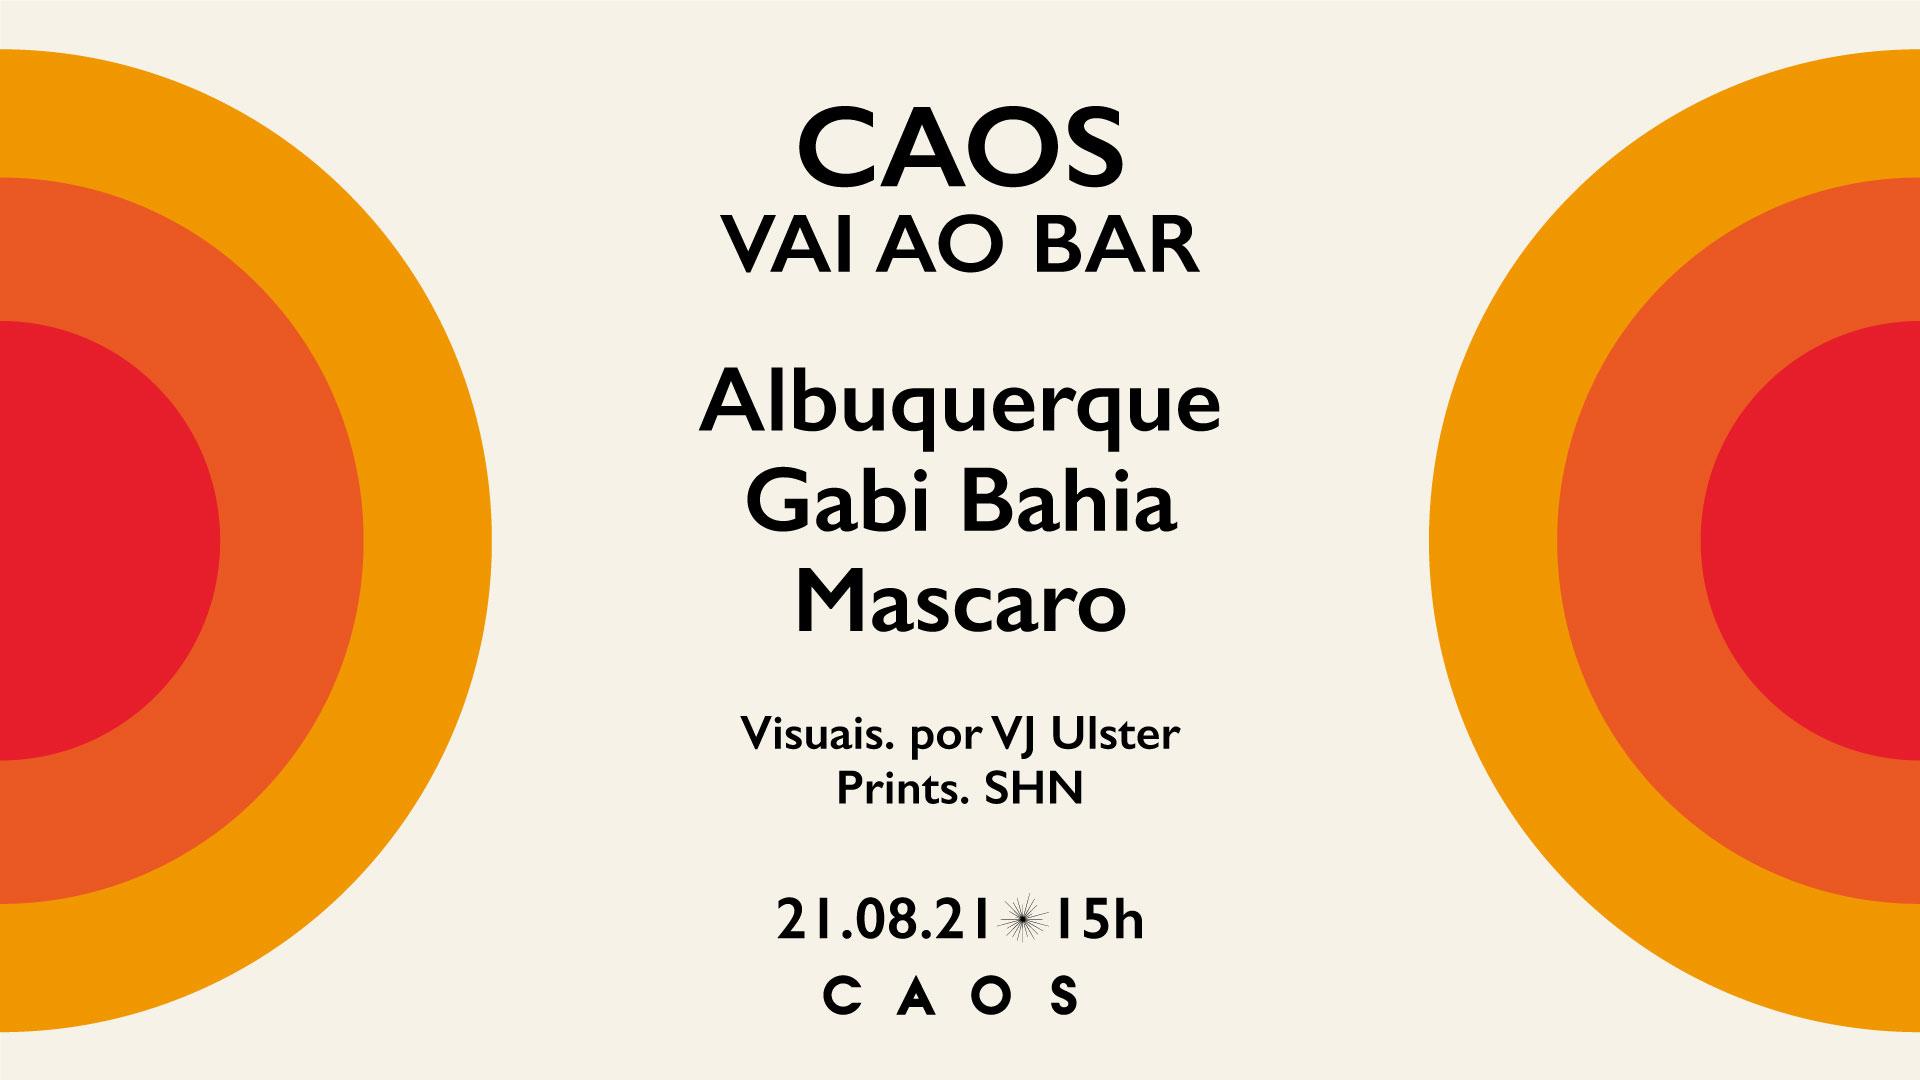 Caos vai ao Bar: Albuquerque, Máscaro e Gabi Bahia